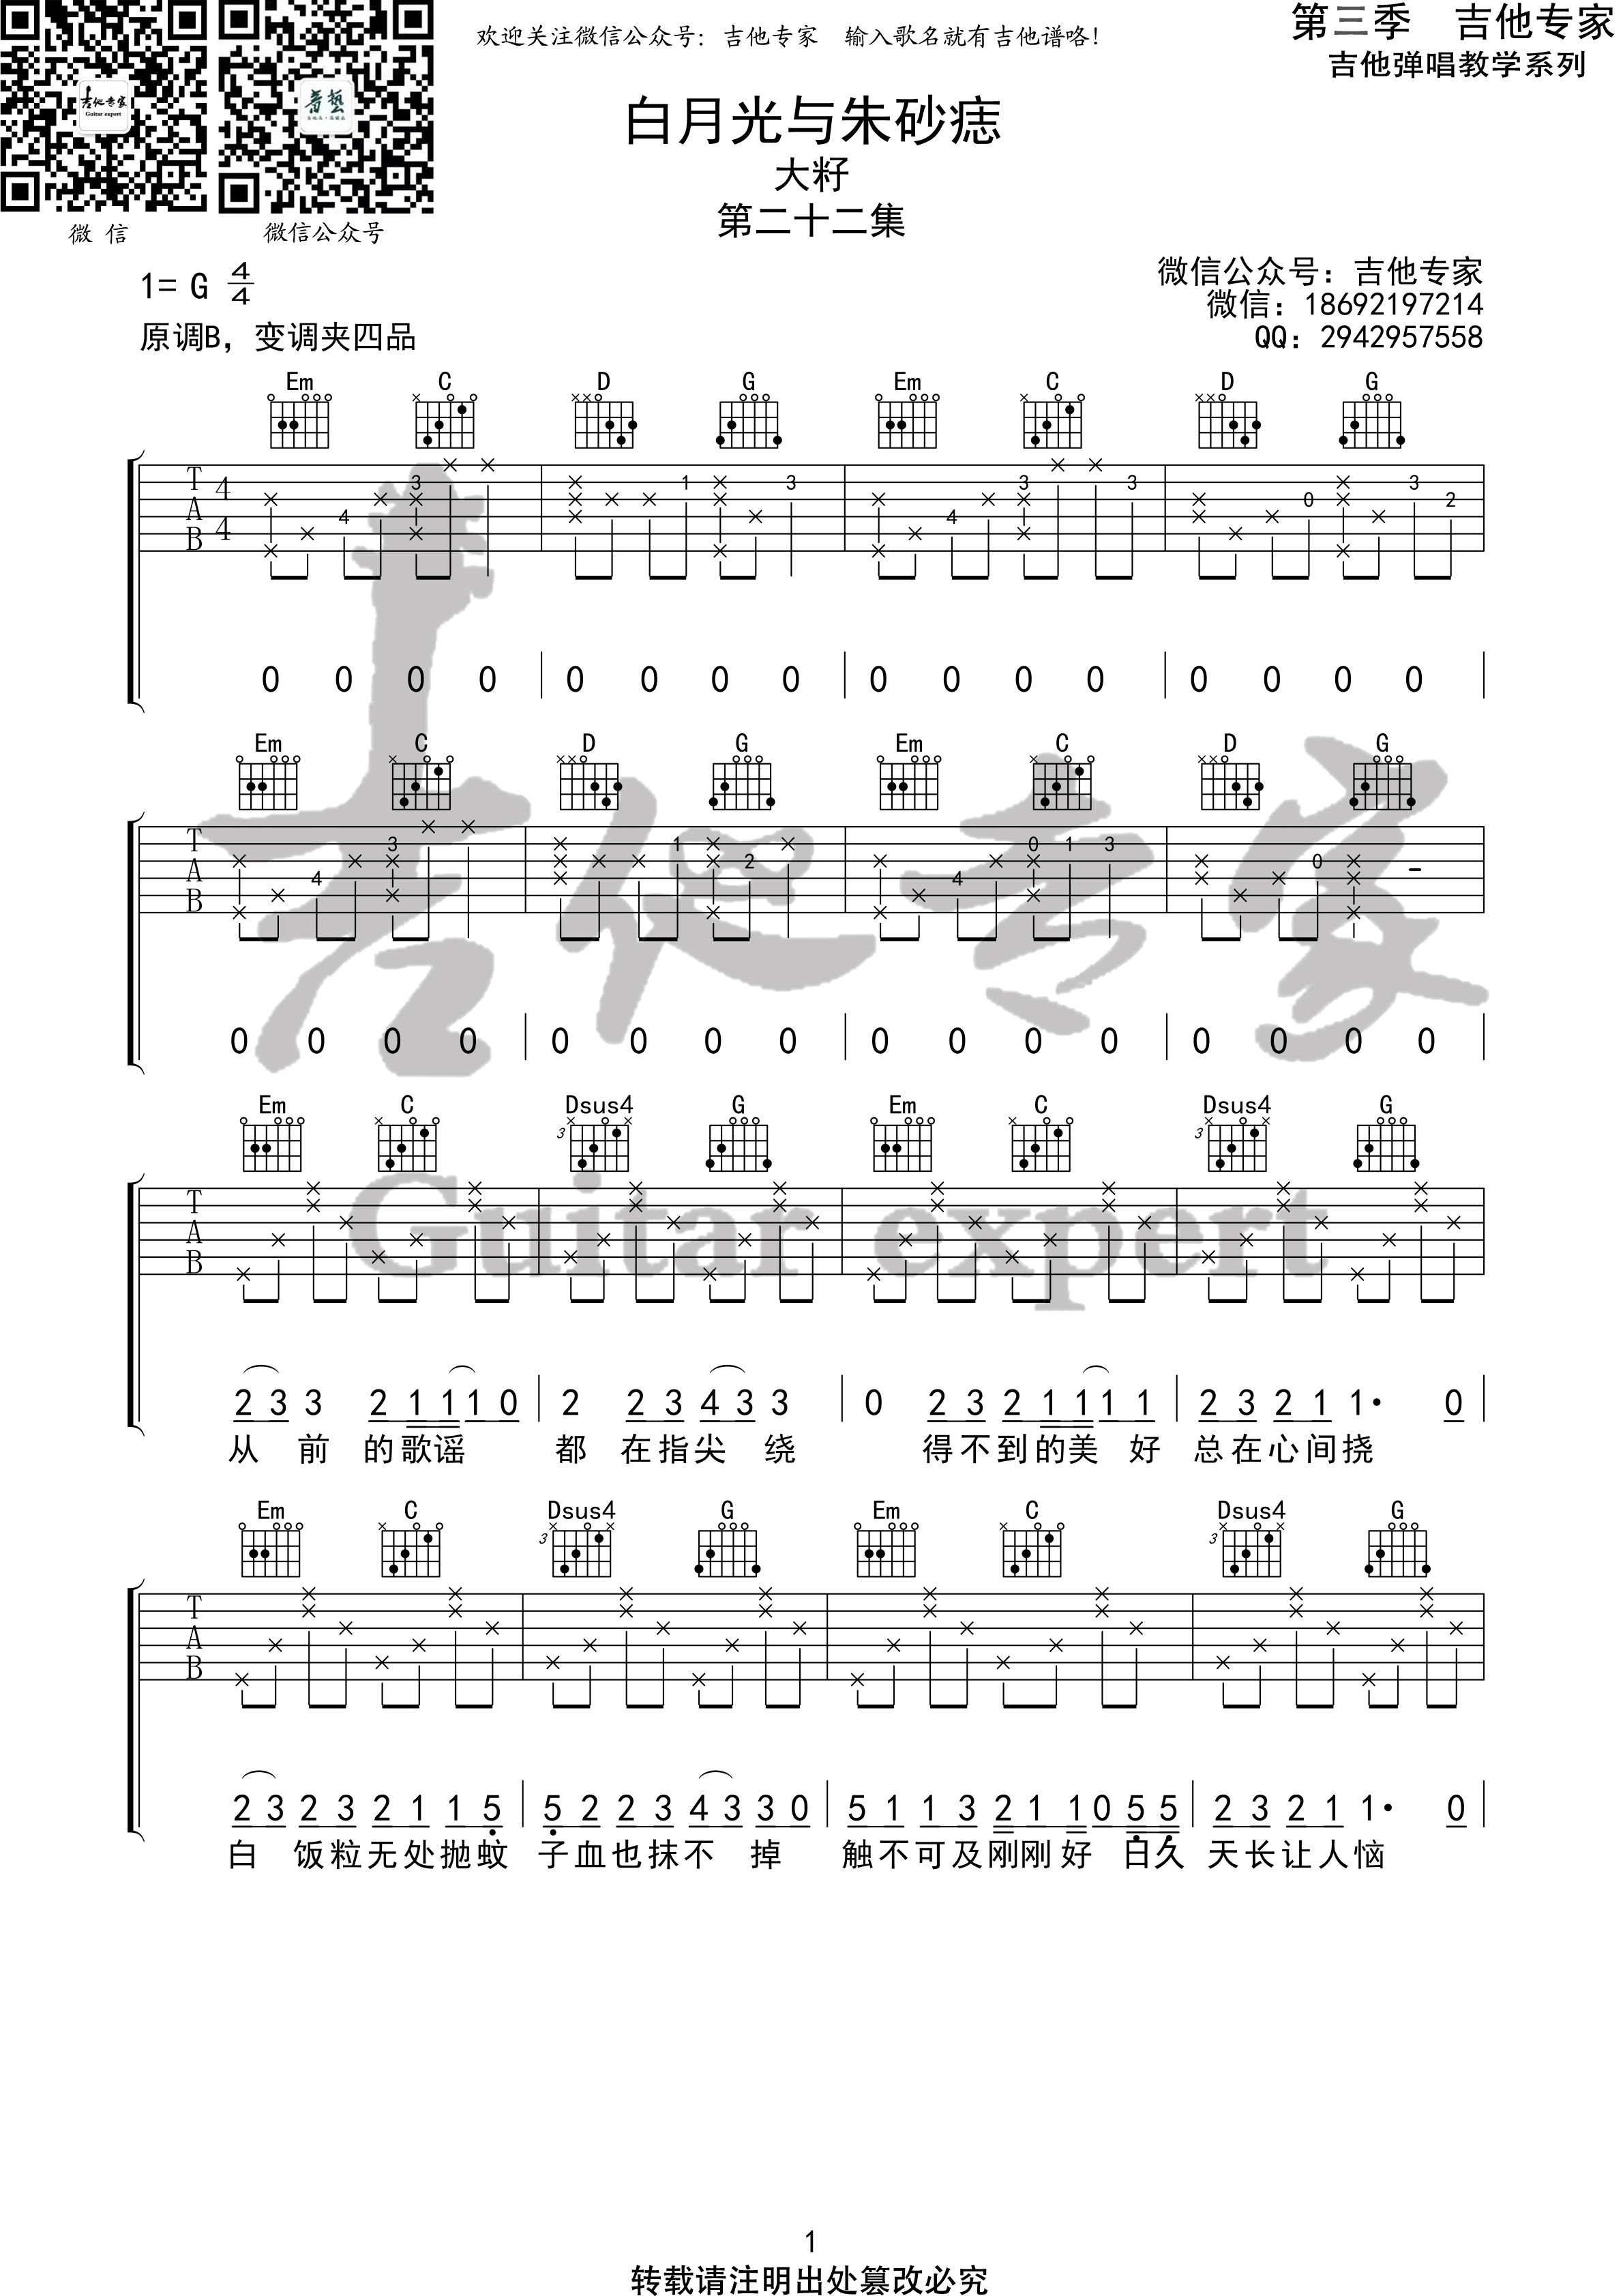 吉他派白月光与朱砂痣吉他谱原版-1